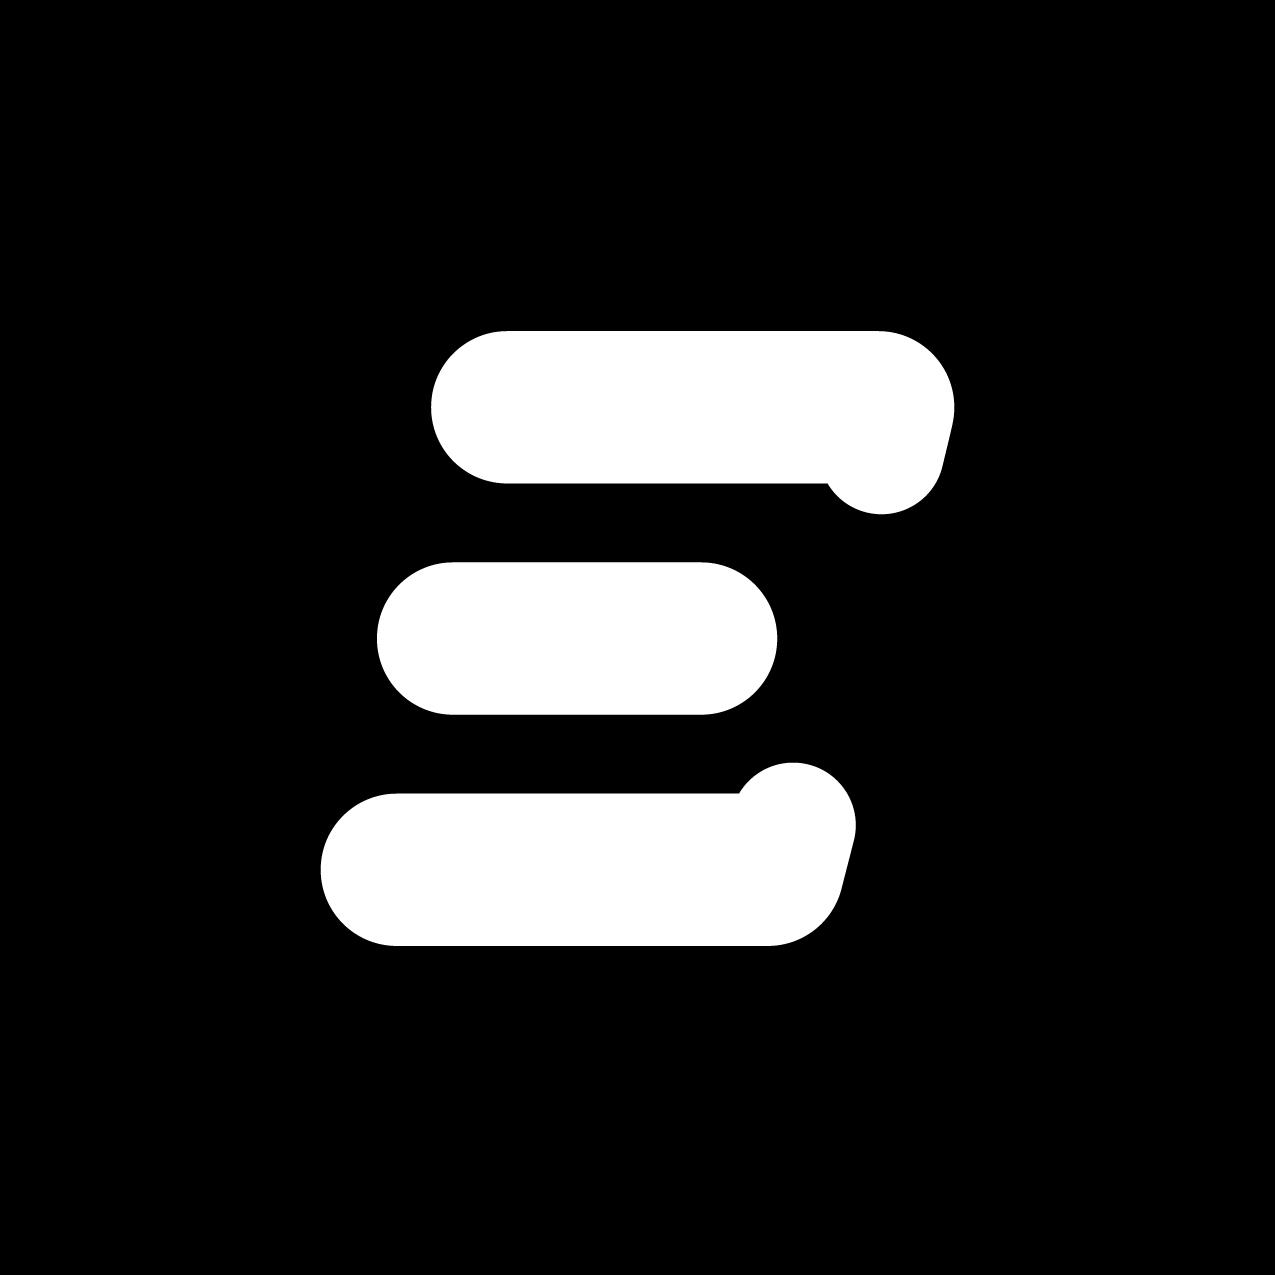 Letter E14 design by Furia